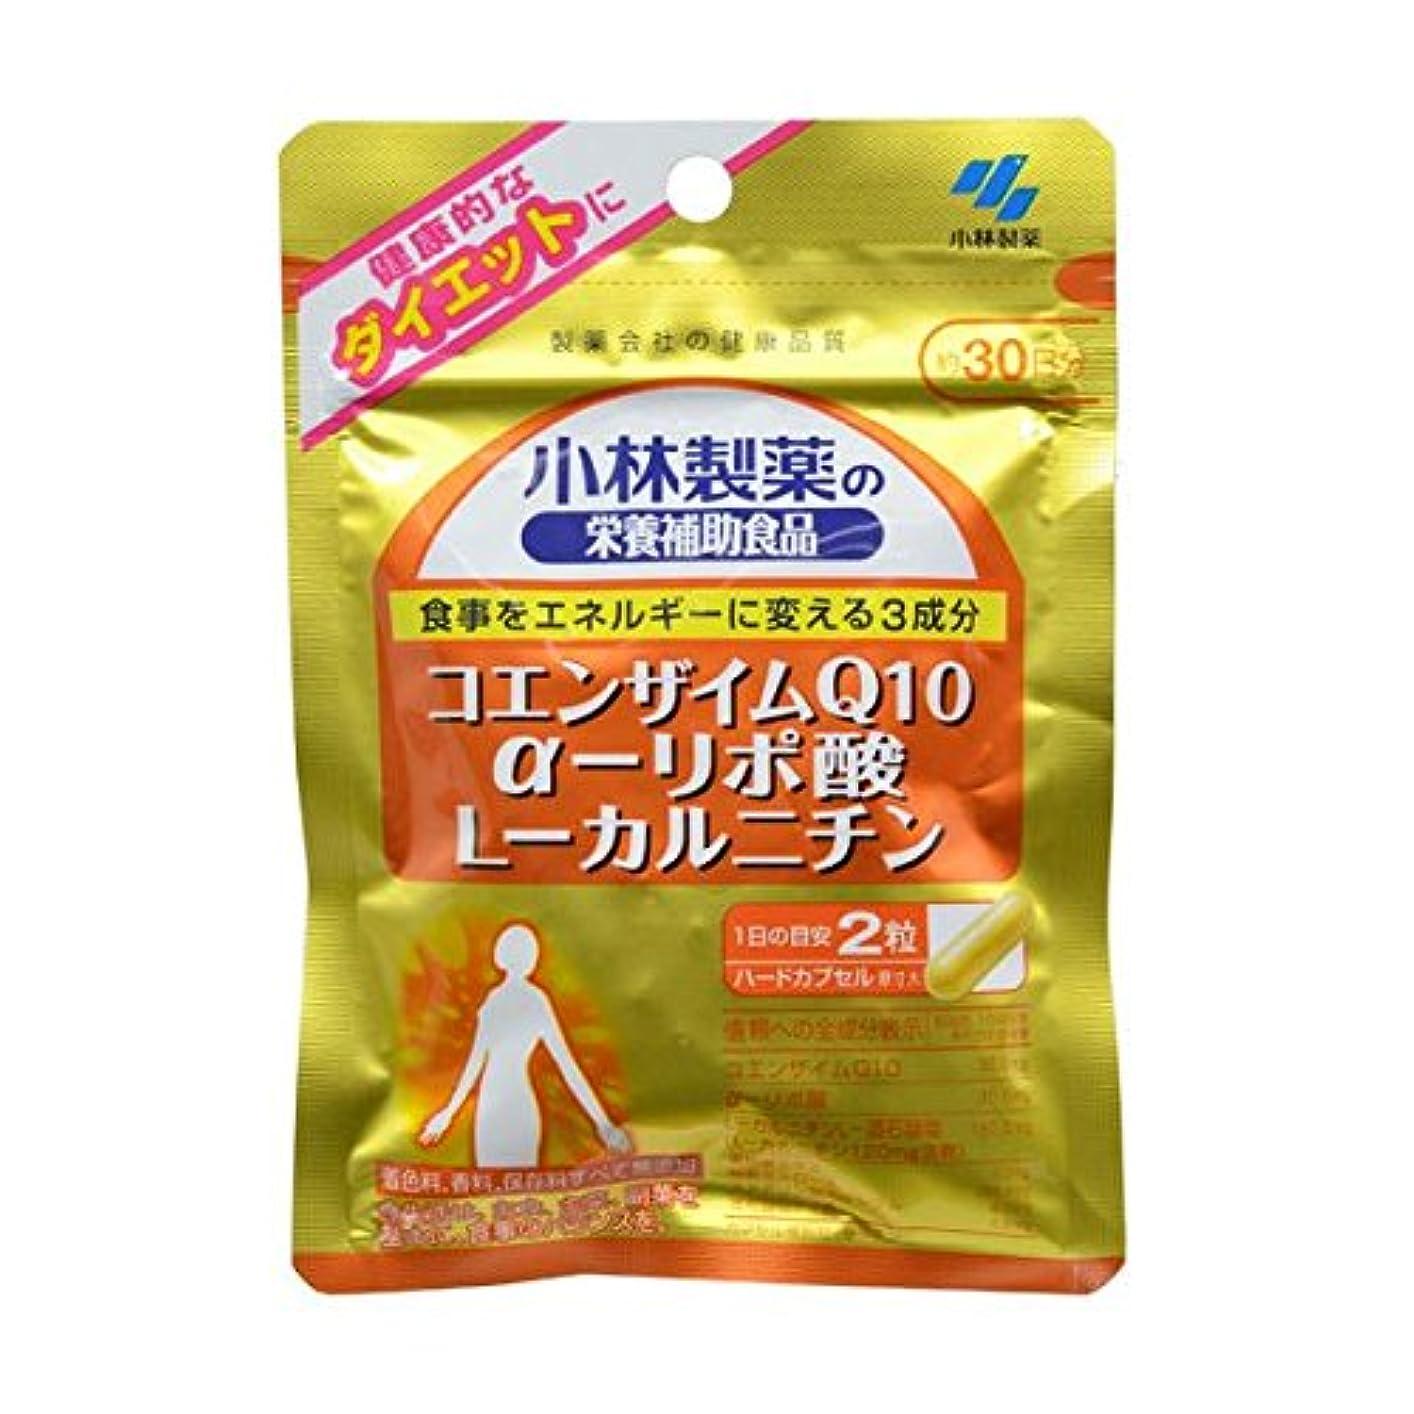 少し頬レキシコン小林製薬 小林製薬の栄養補助食品コエンザイムQ10α-リポ酸L-カルニチン60粒×2